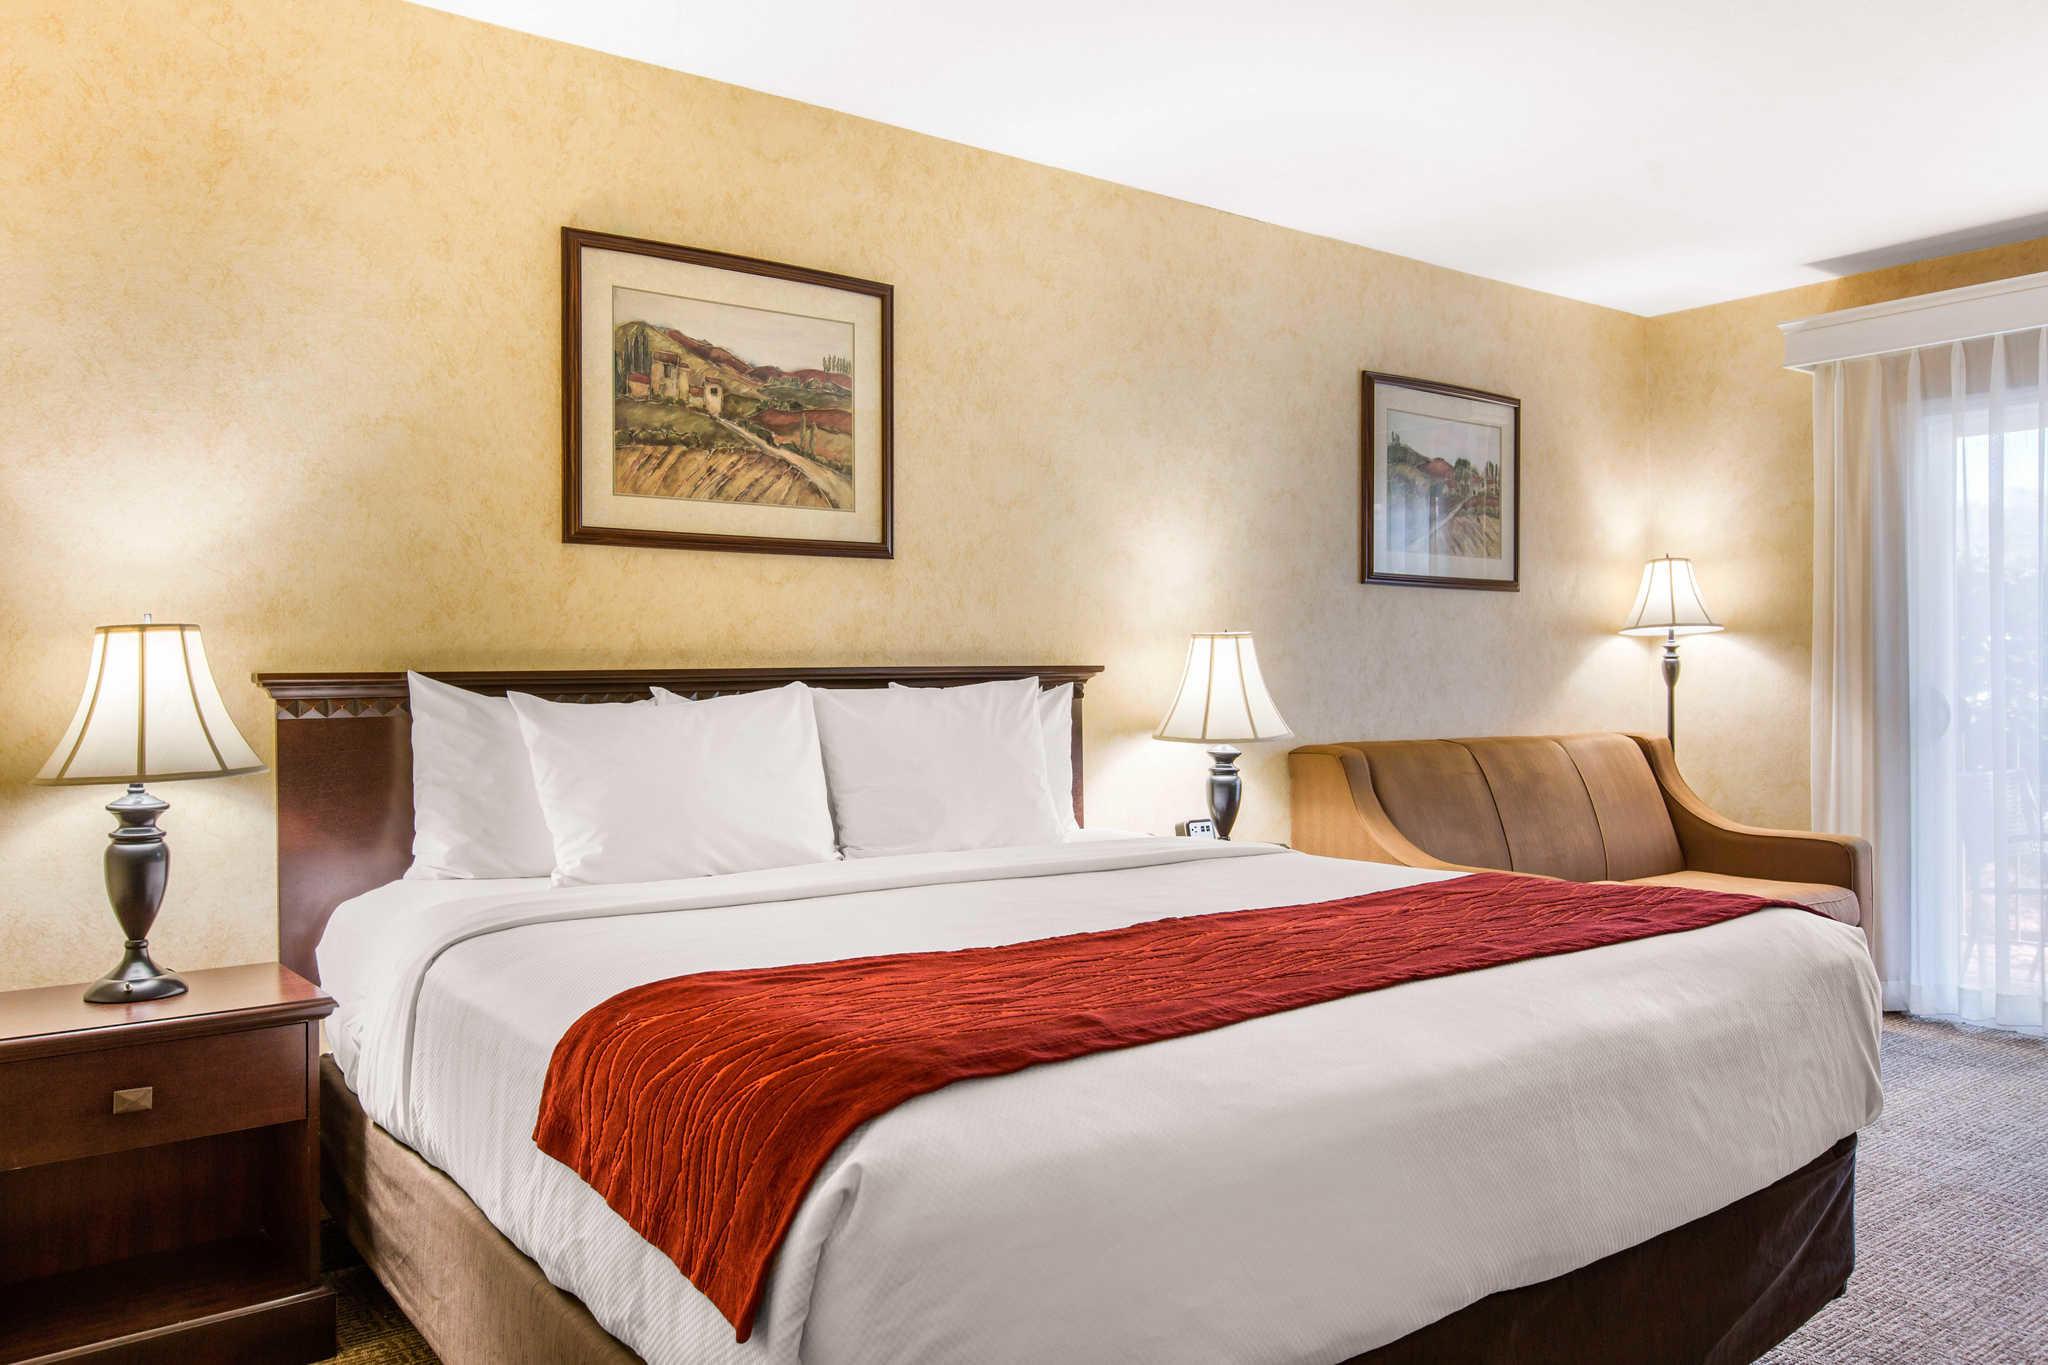 Hotel Rooms In Escondido Ca